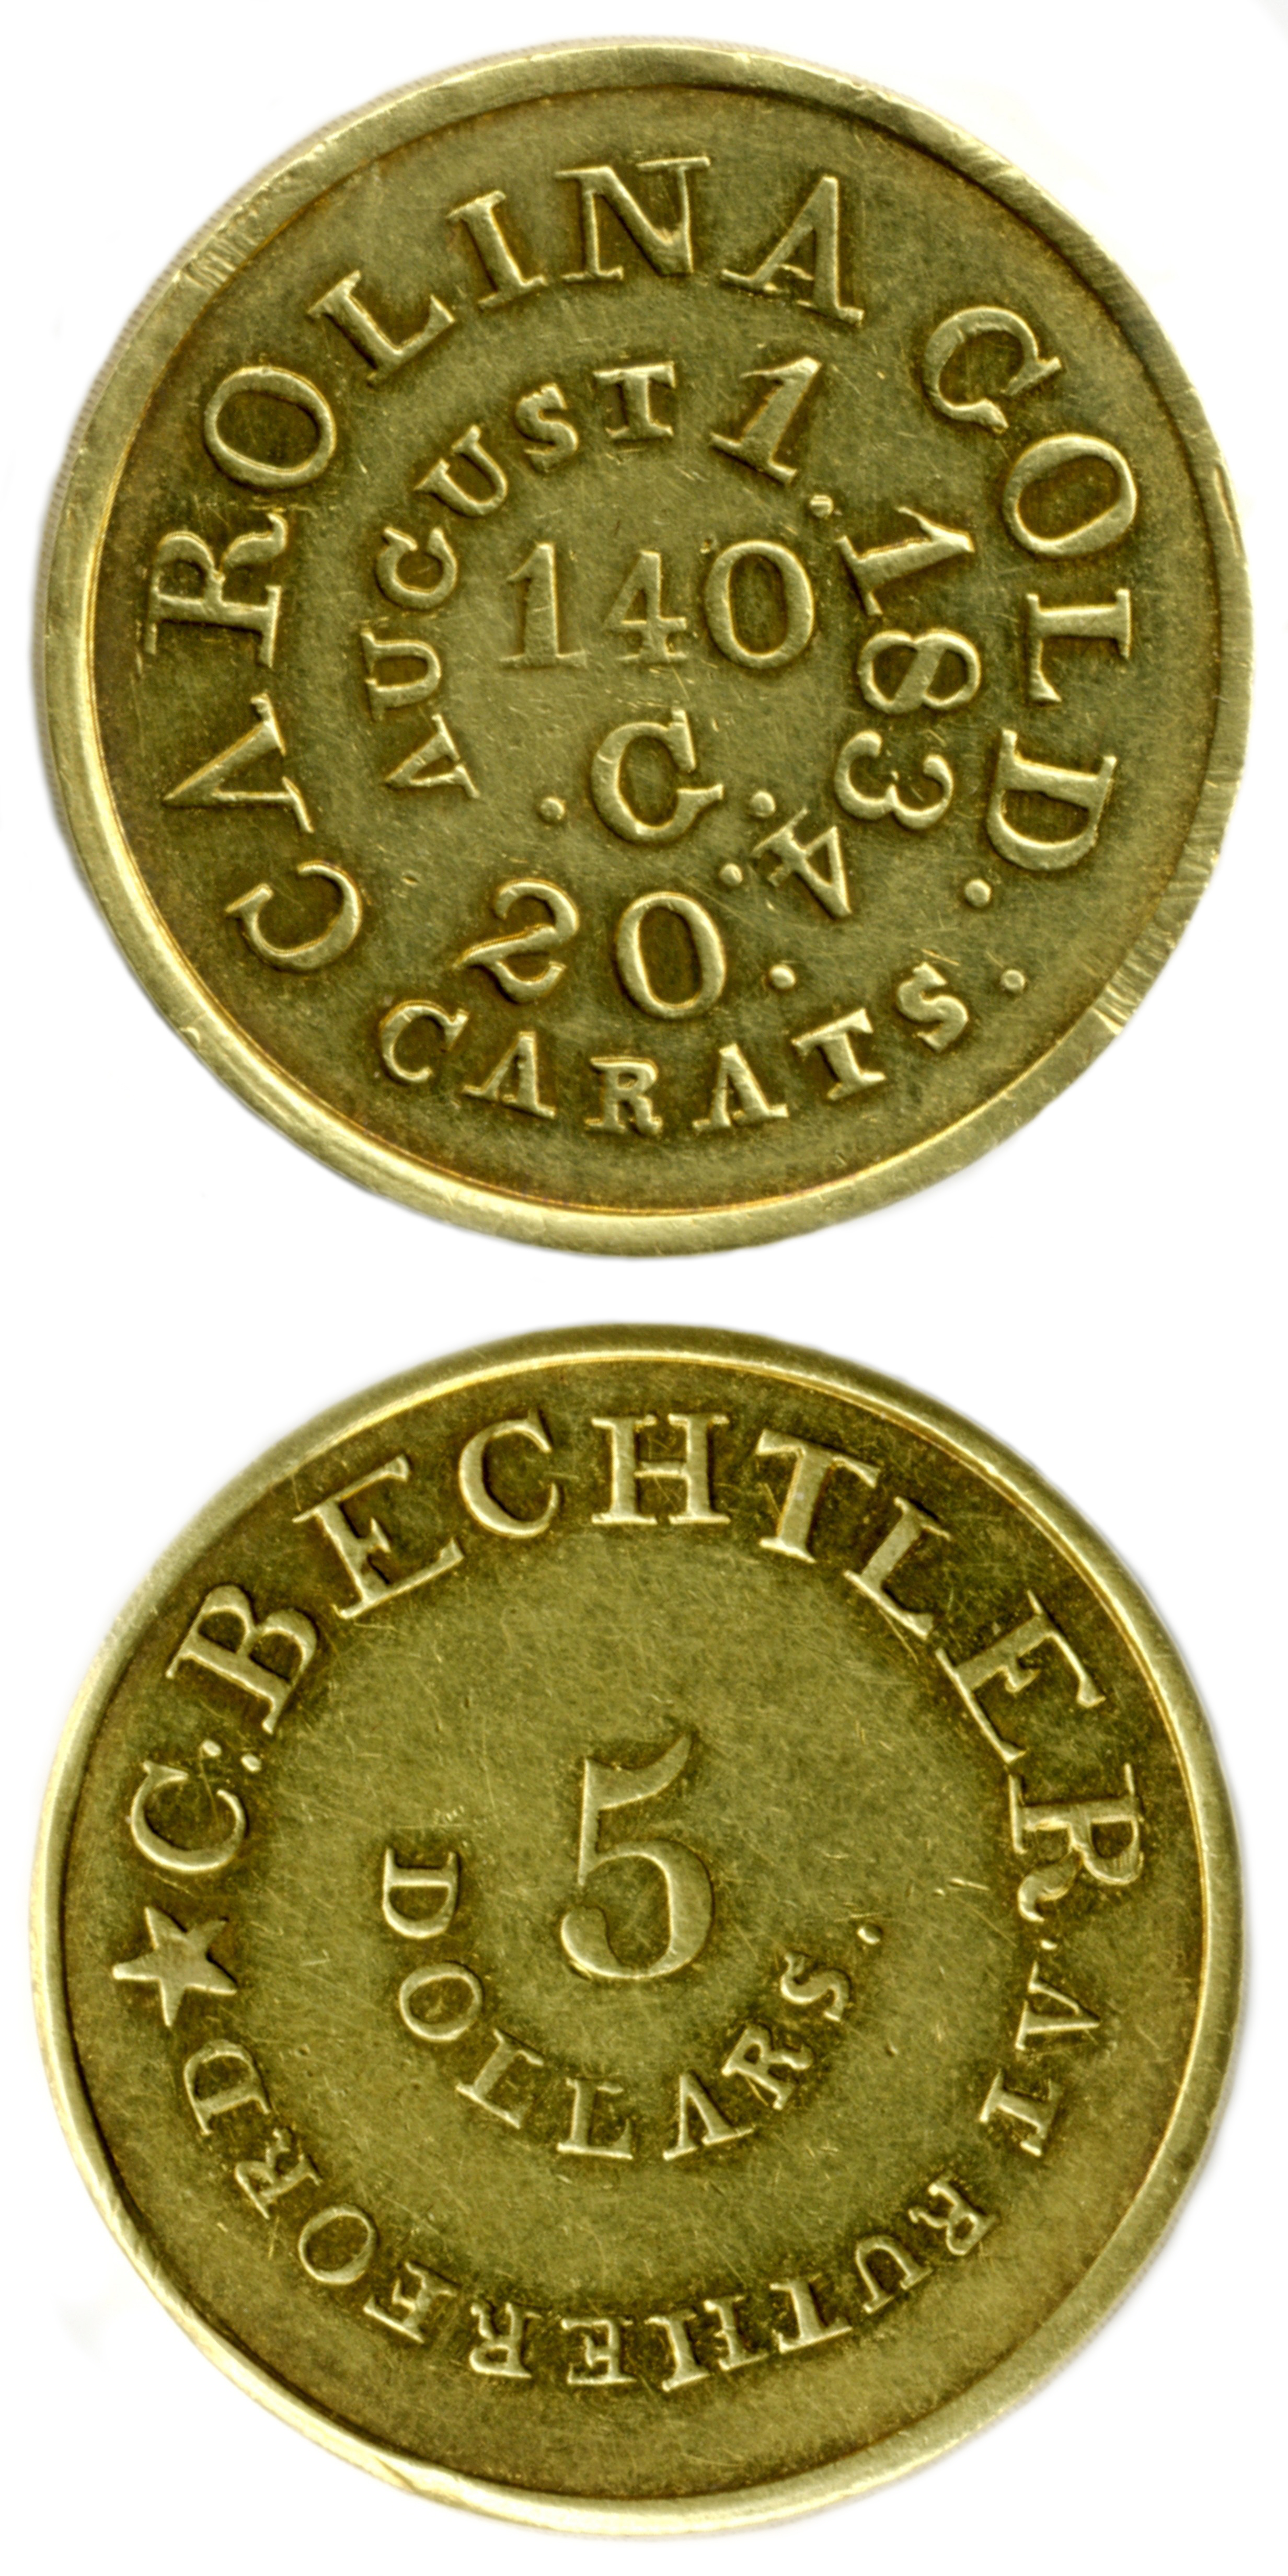 Christopher Bechtler $5 gold coin circa 1834